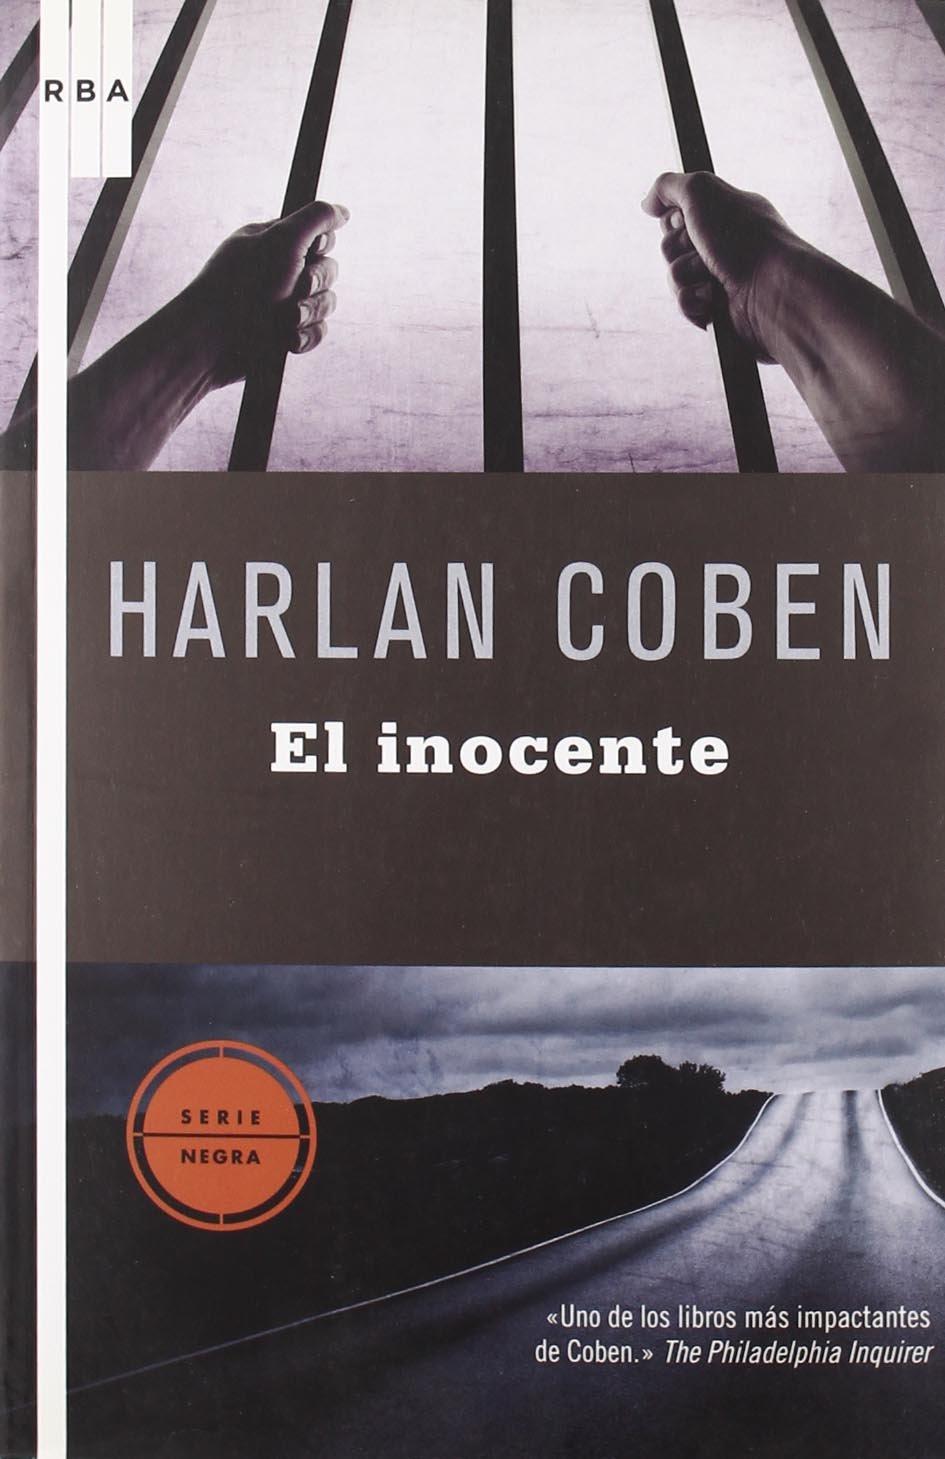 El inocente (NOVELA POLICÍACA BIB): Amazon.es: Harlan Coben, Esther Roig Gimenez: Libros